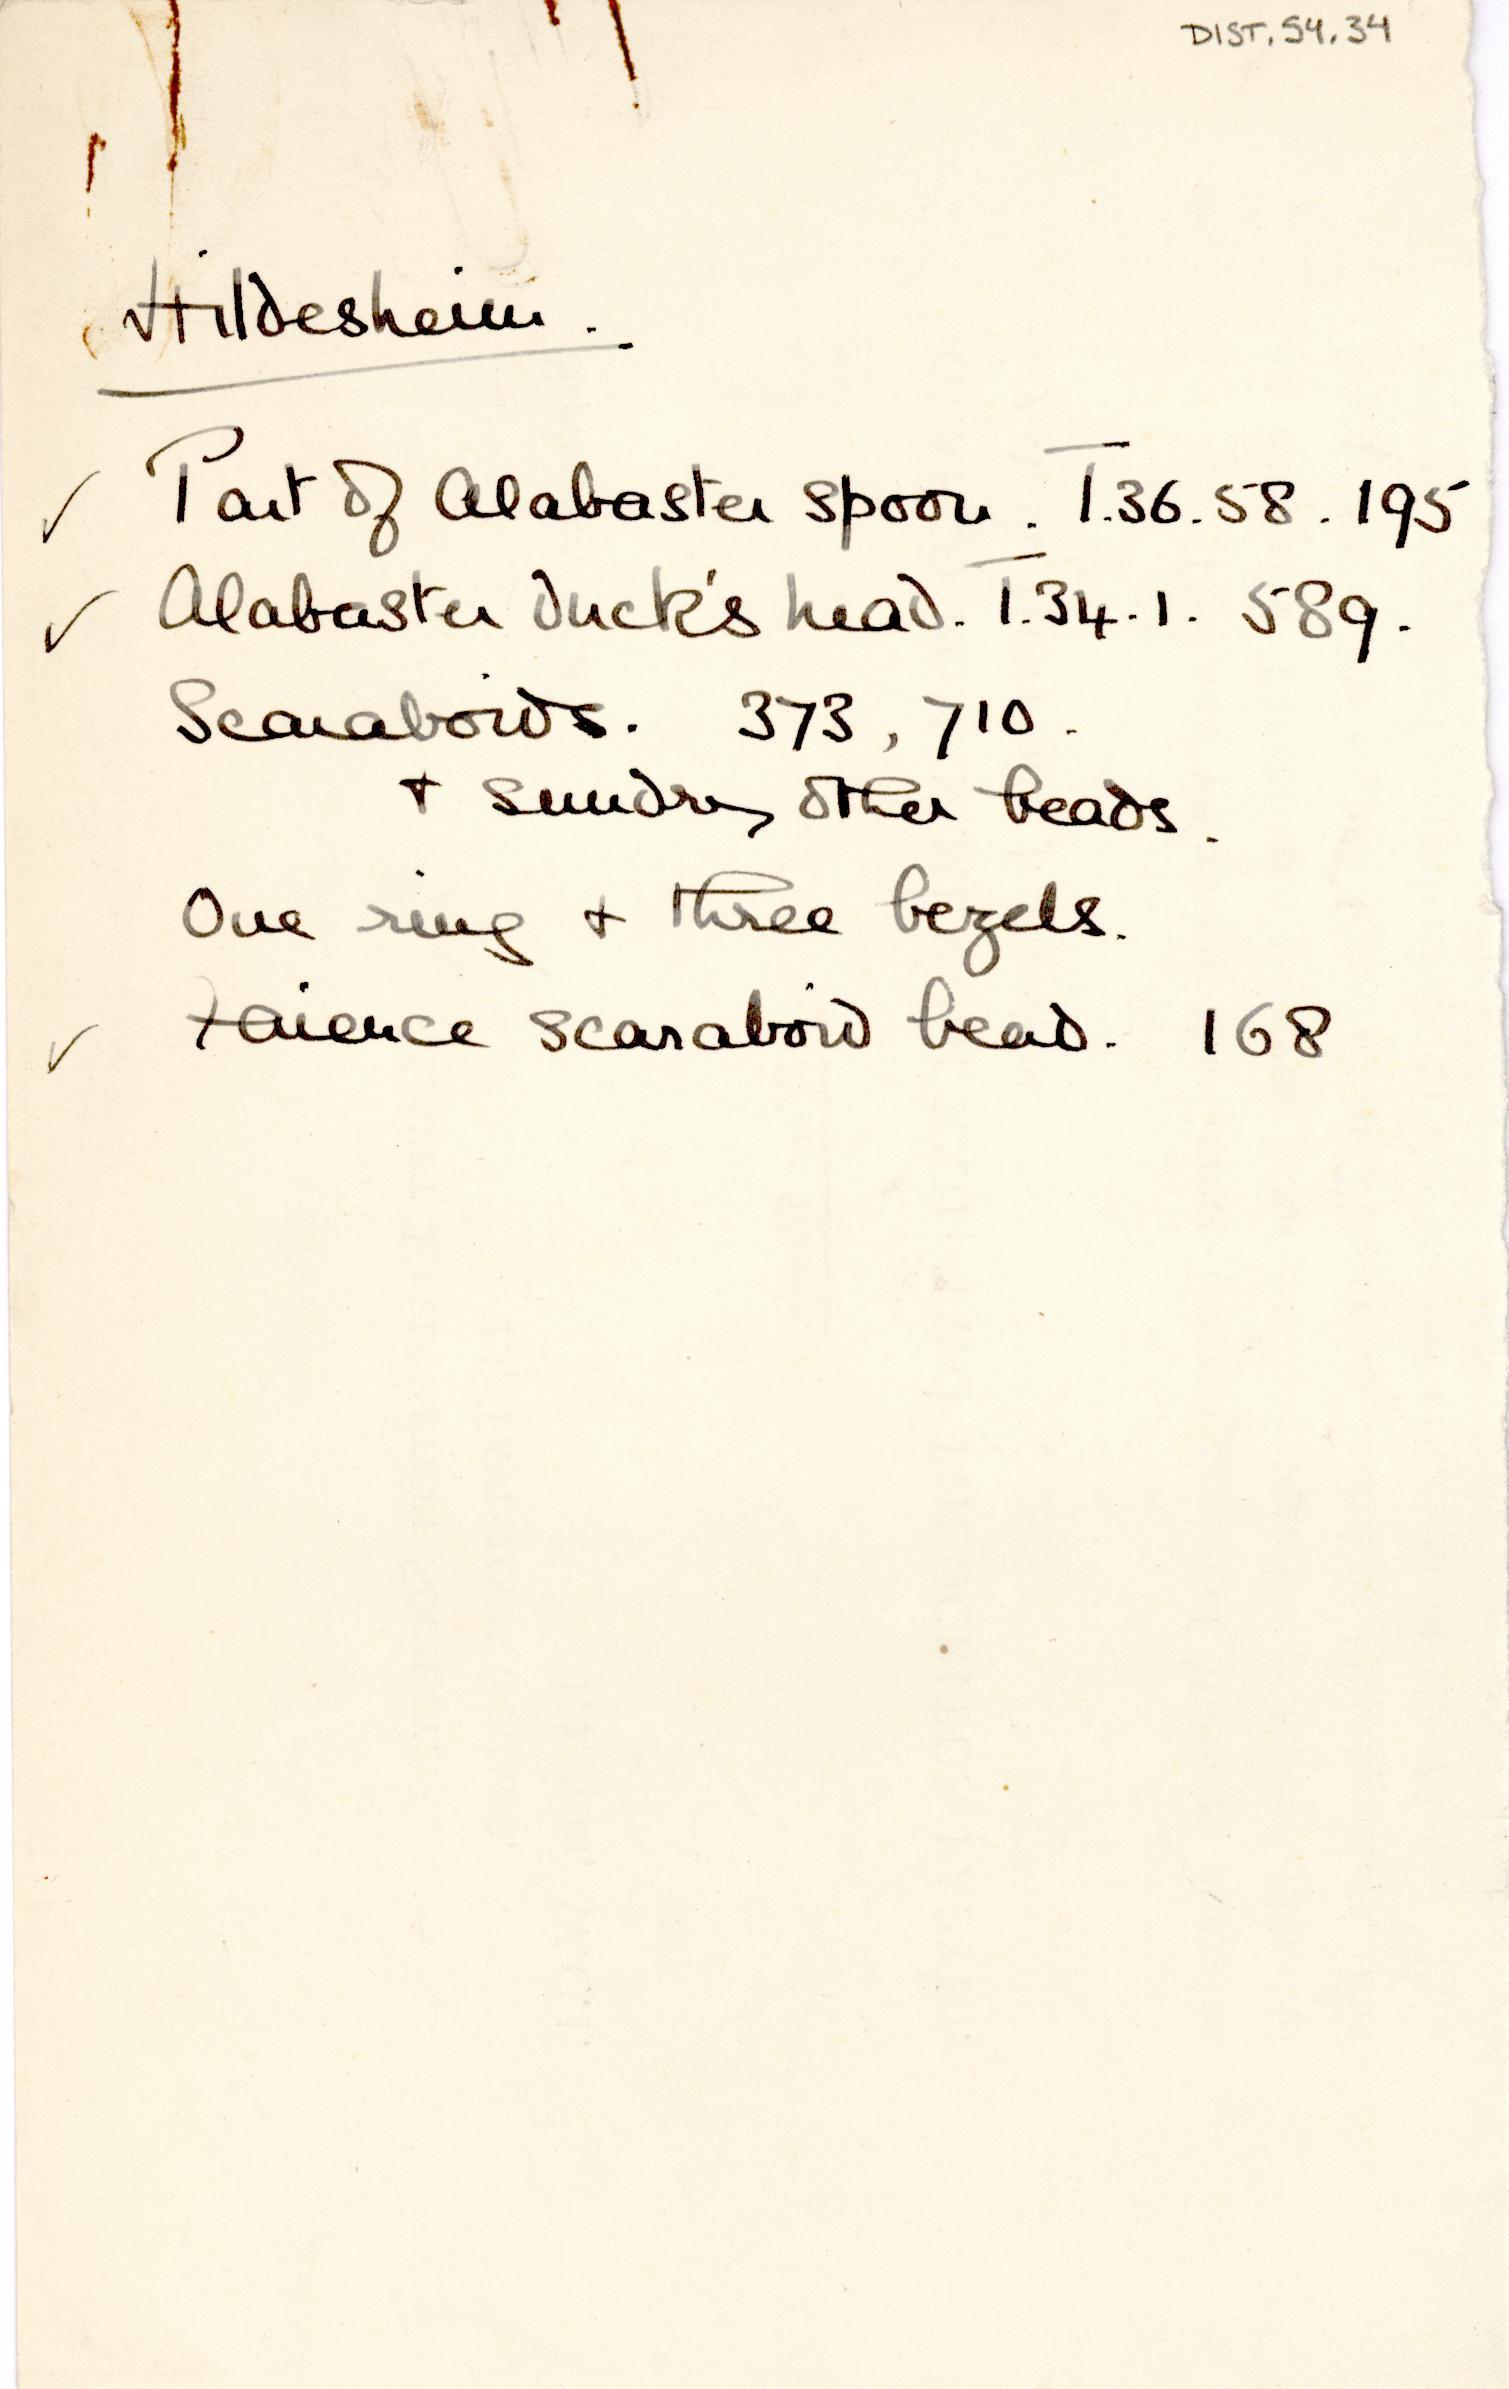 1931-32 el-Amarna and Armant DIST.54.34a